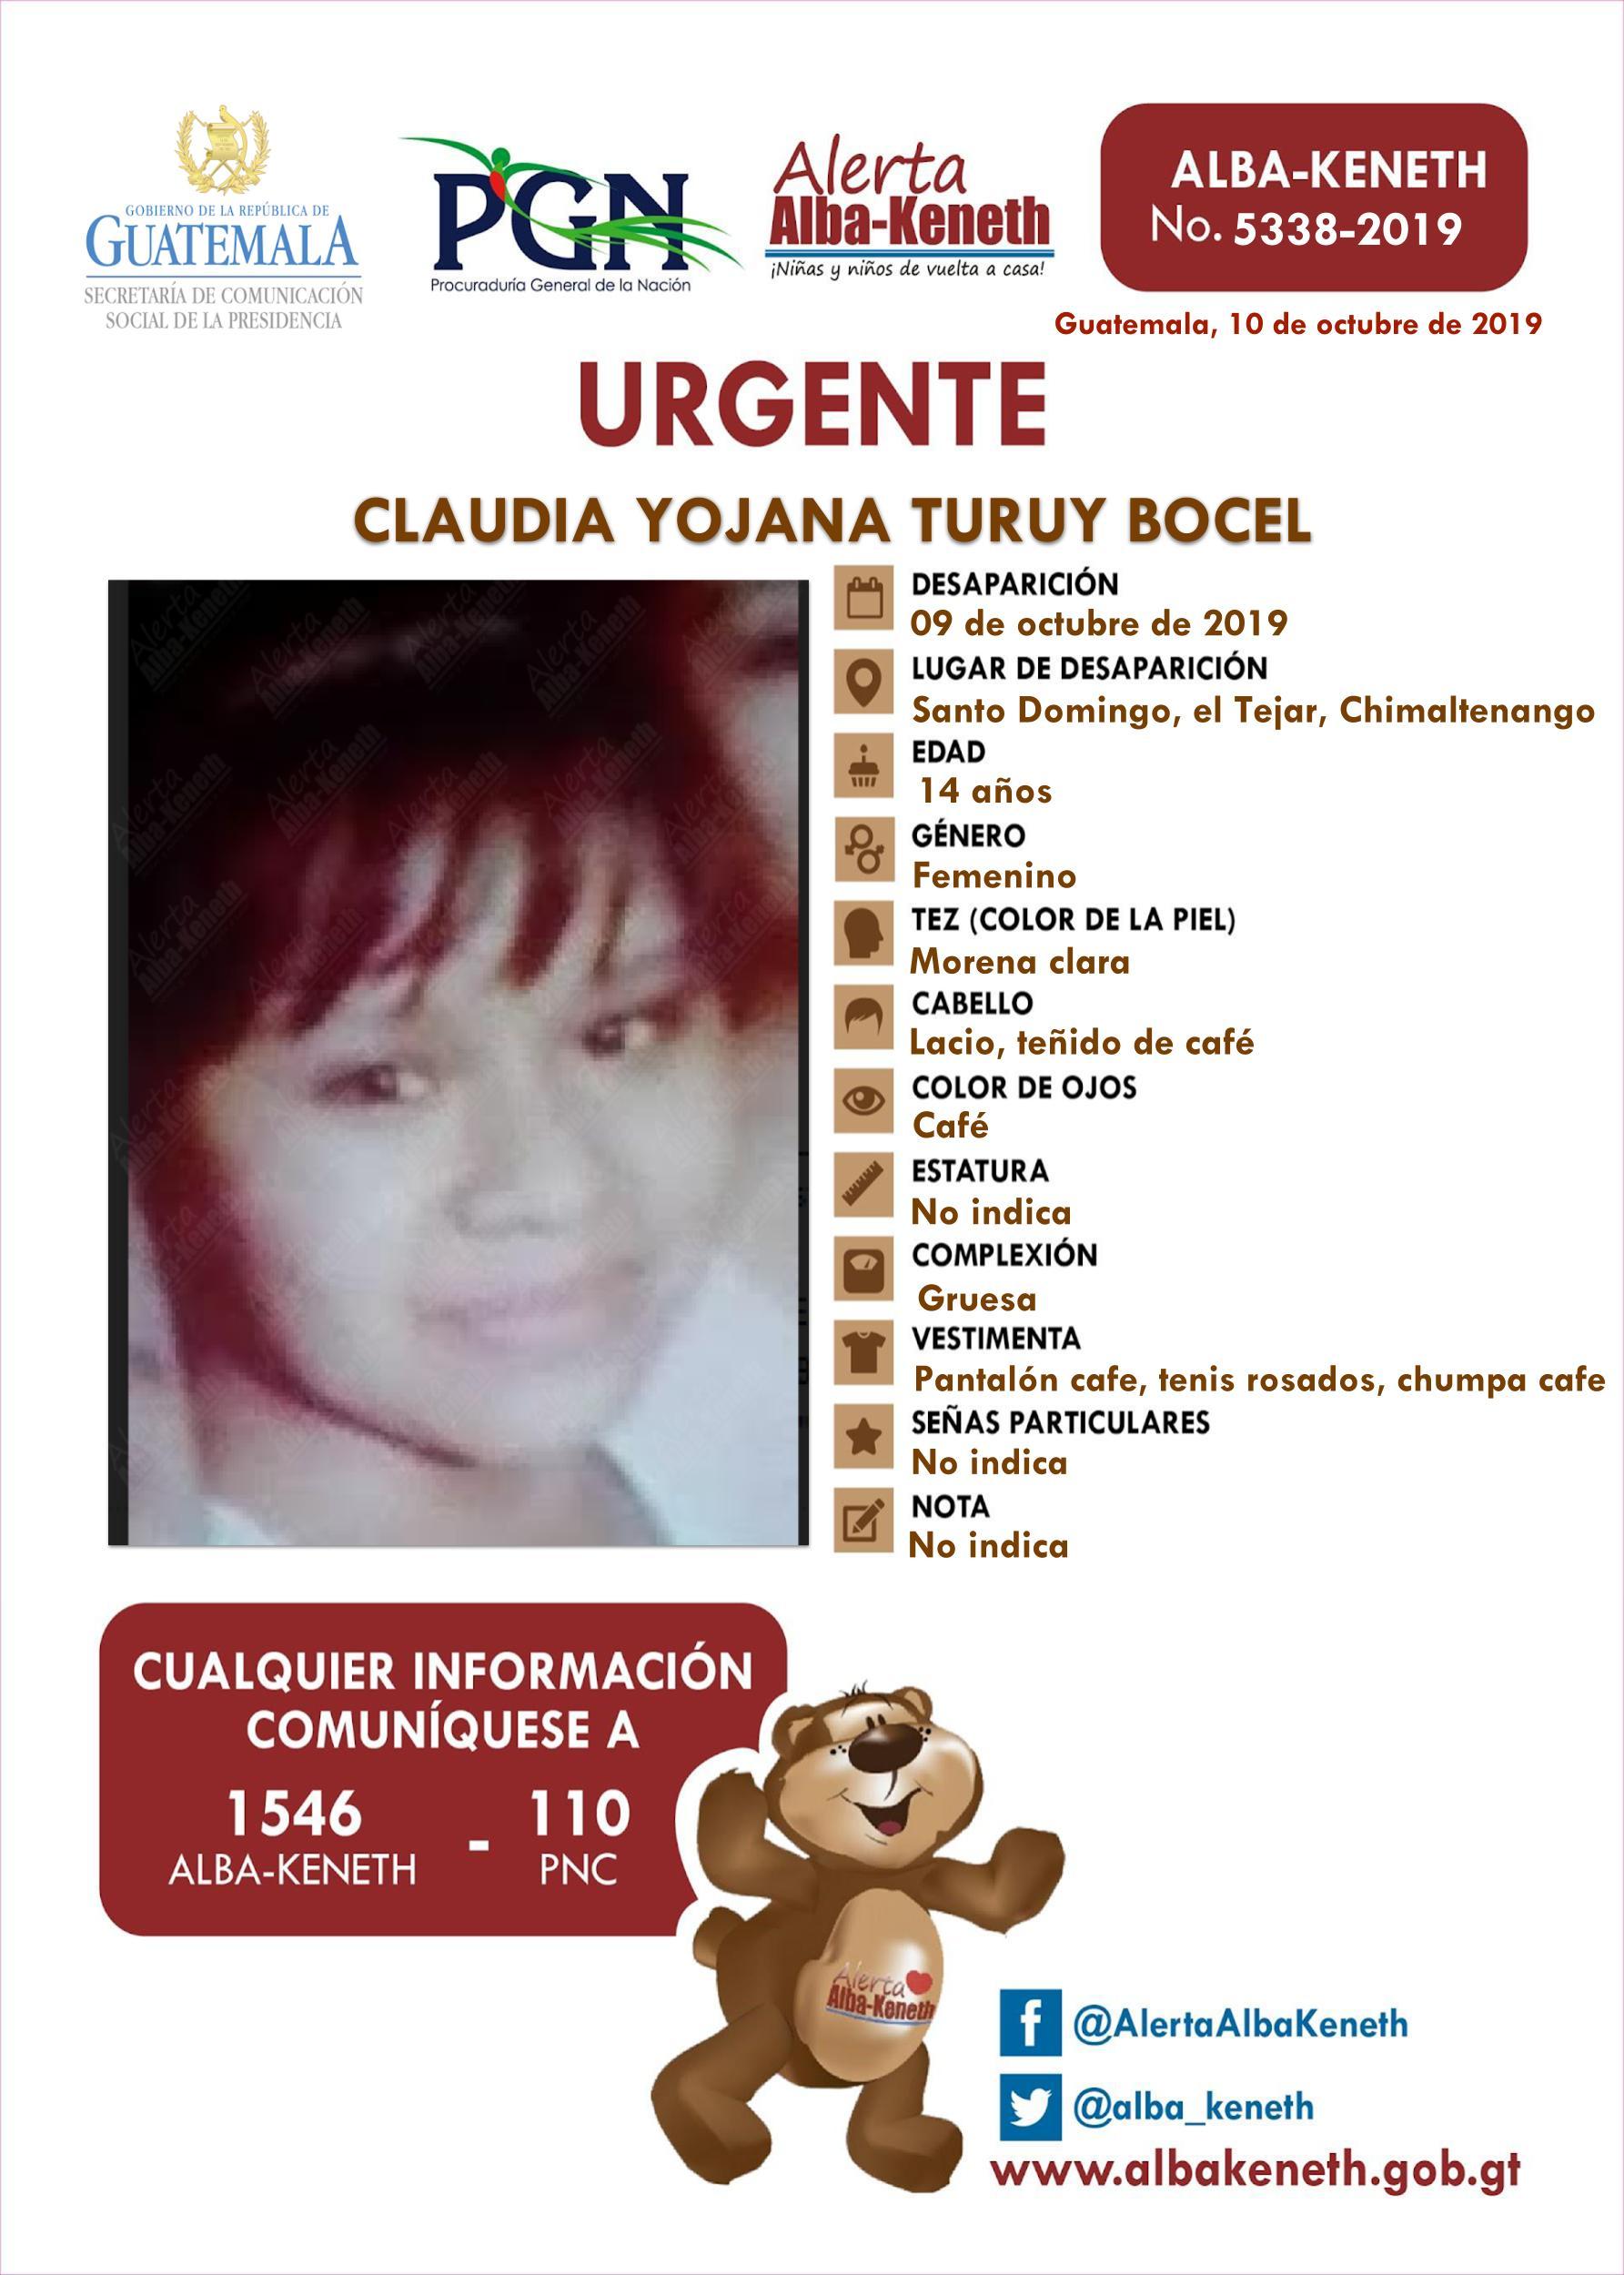 Claudia Yojana Turuy Bocel